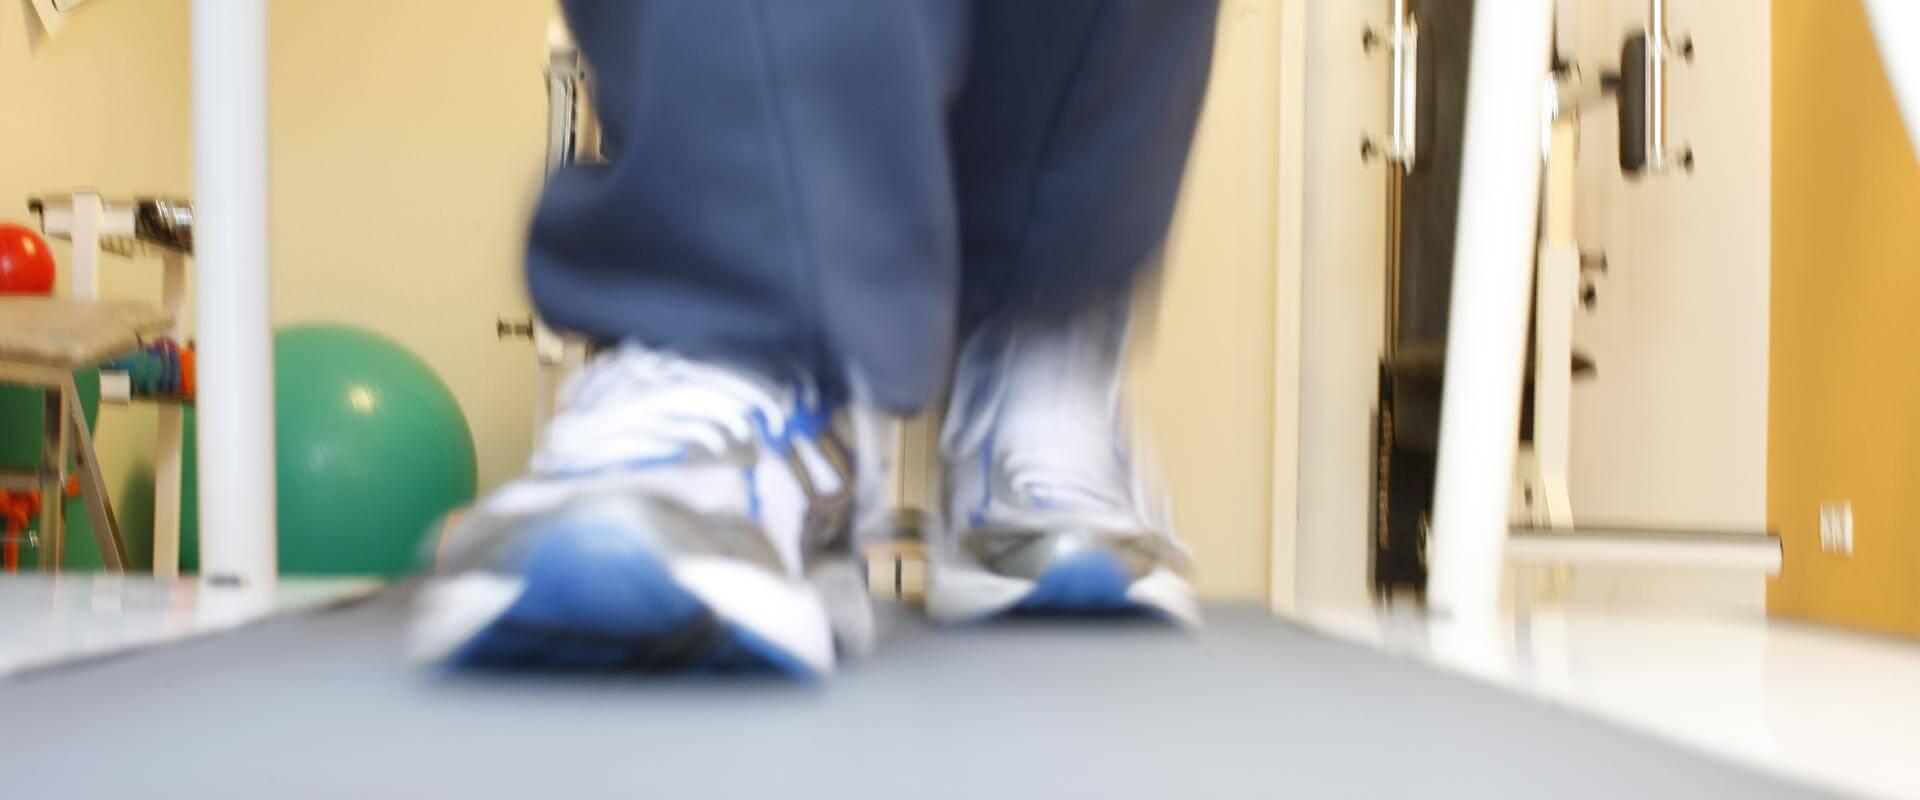 Schuhe eins Patienten der auf einem Laufband läuft im MEDIAN Reha-Zentrum Bad Berka Adelsberg-Klinik